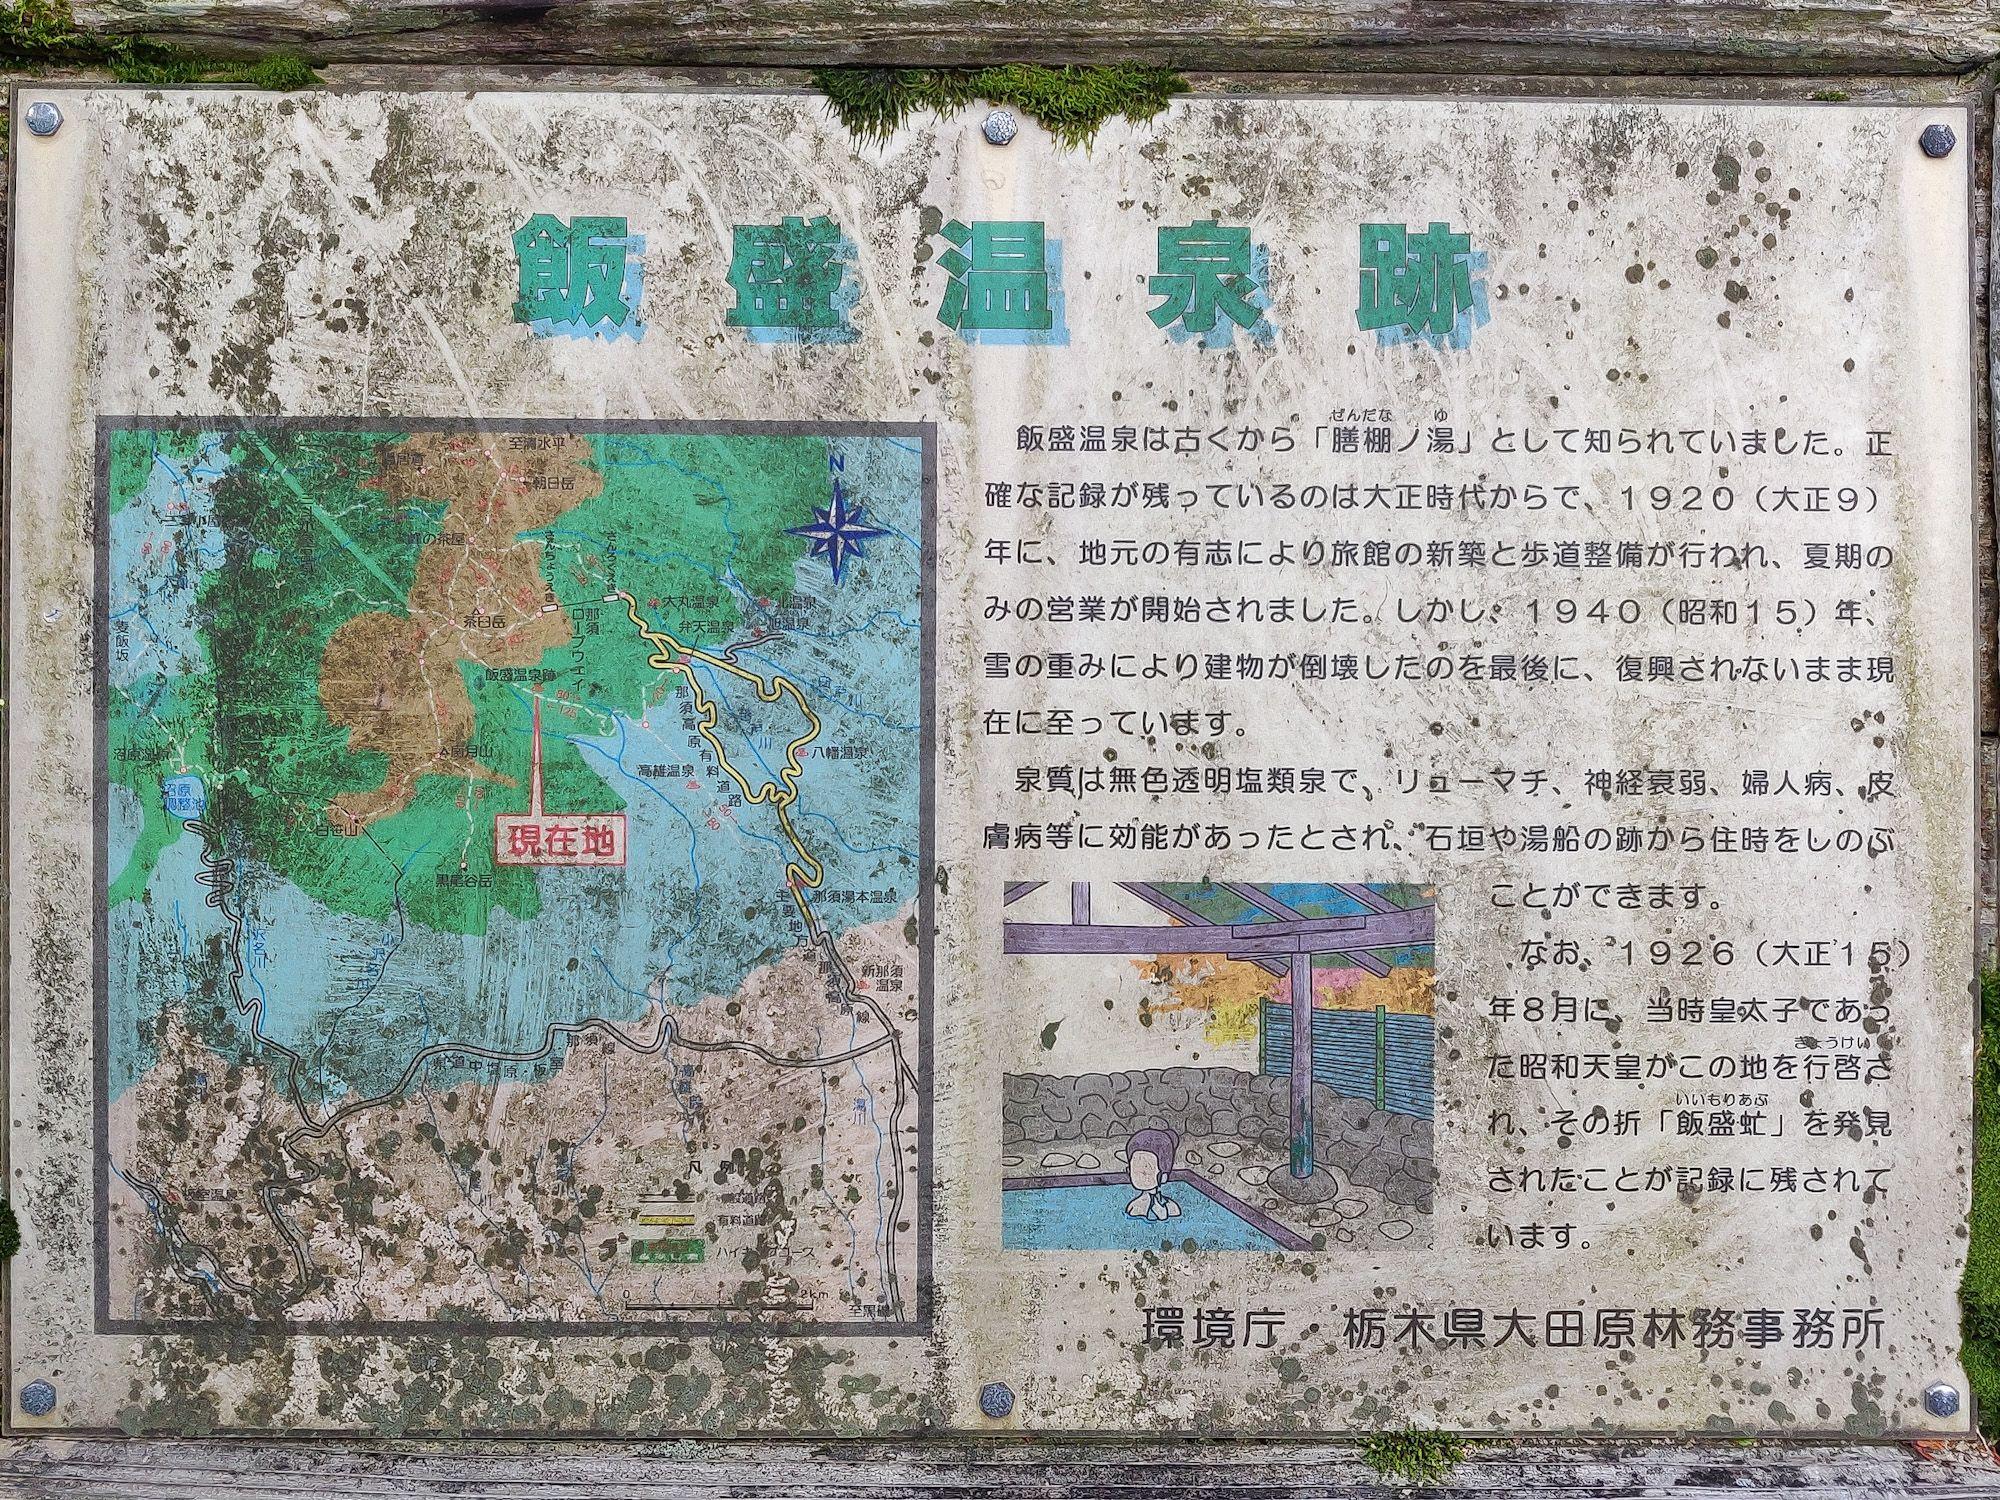 飯森温泉跡